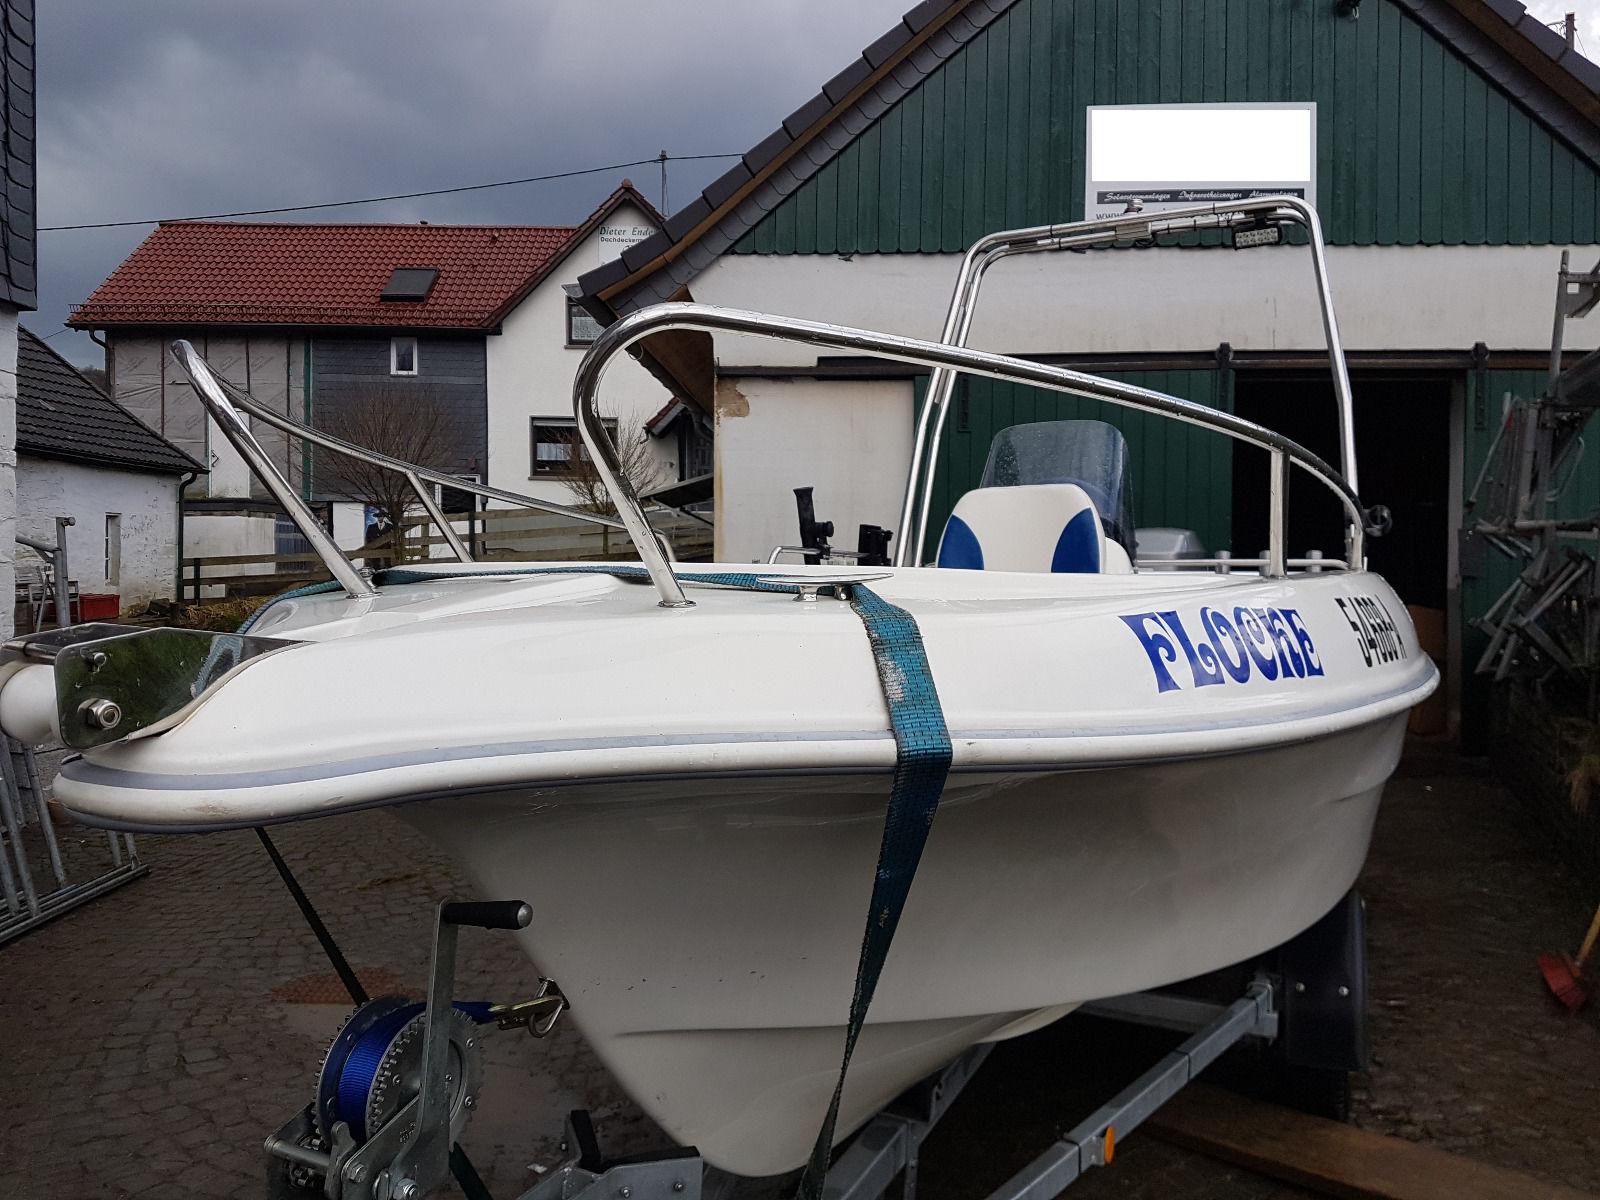 Konsolenboot Galia 440 mit Außenborder und Trailer